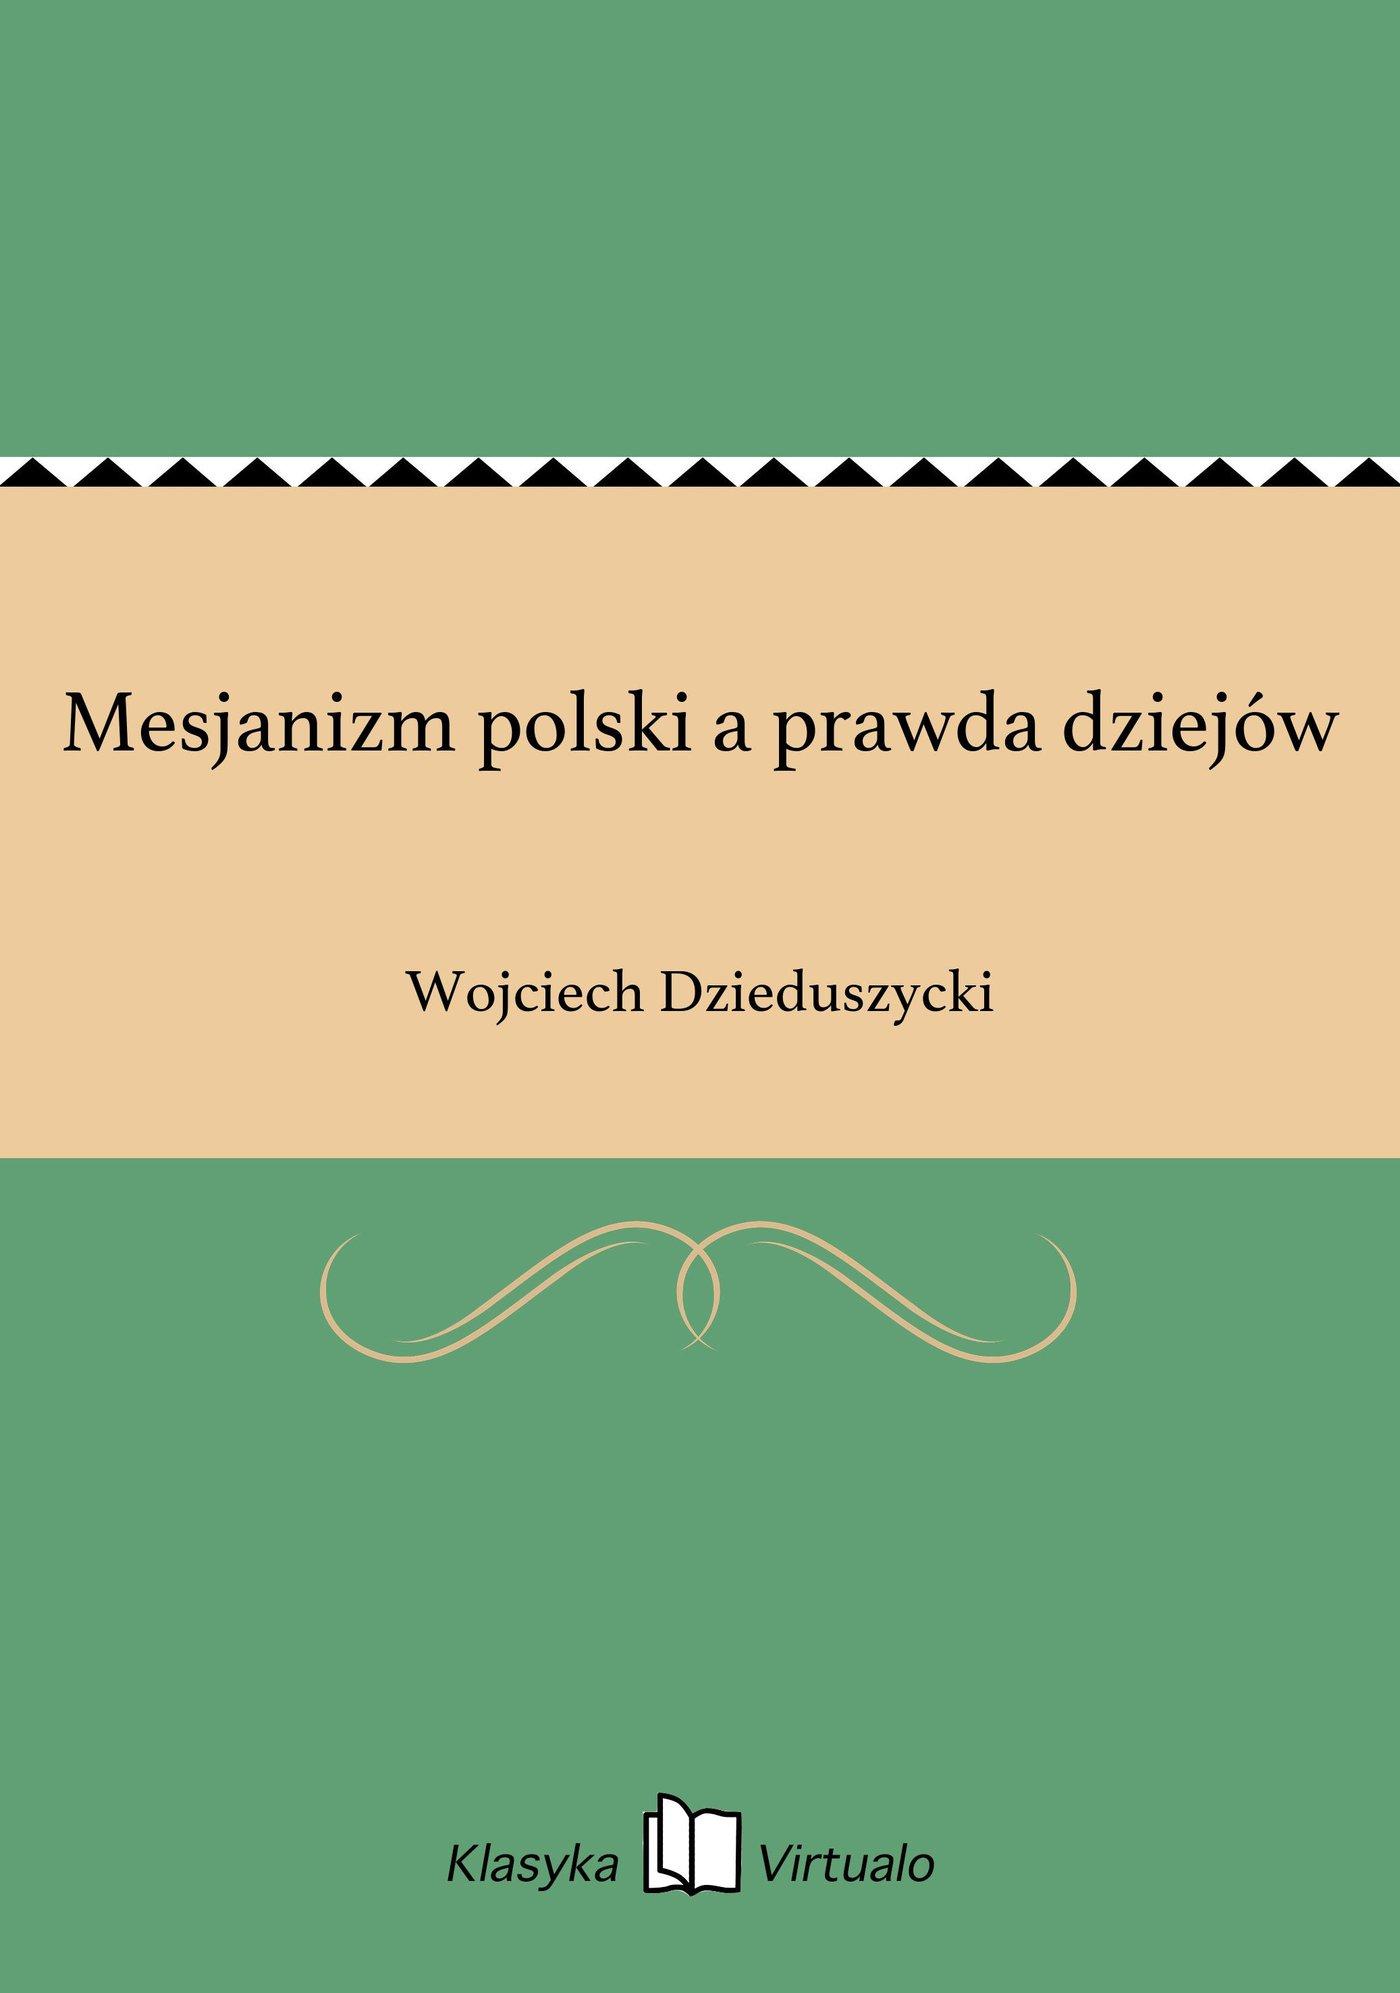 Mesjanizm polski a prawda dziejów - Ebook (Książka EPUB) do pobrania w formacie EPUB